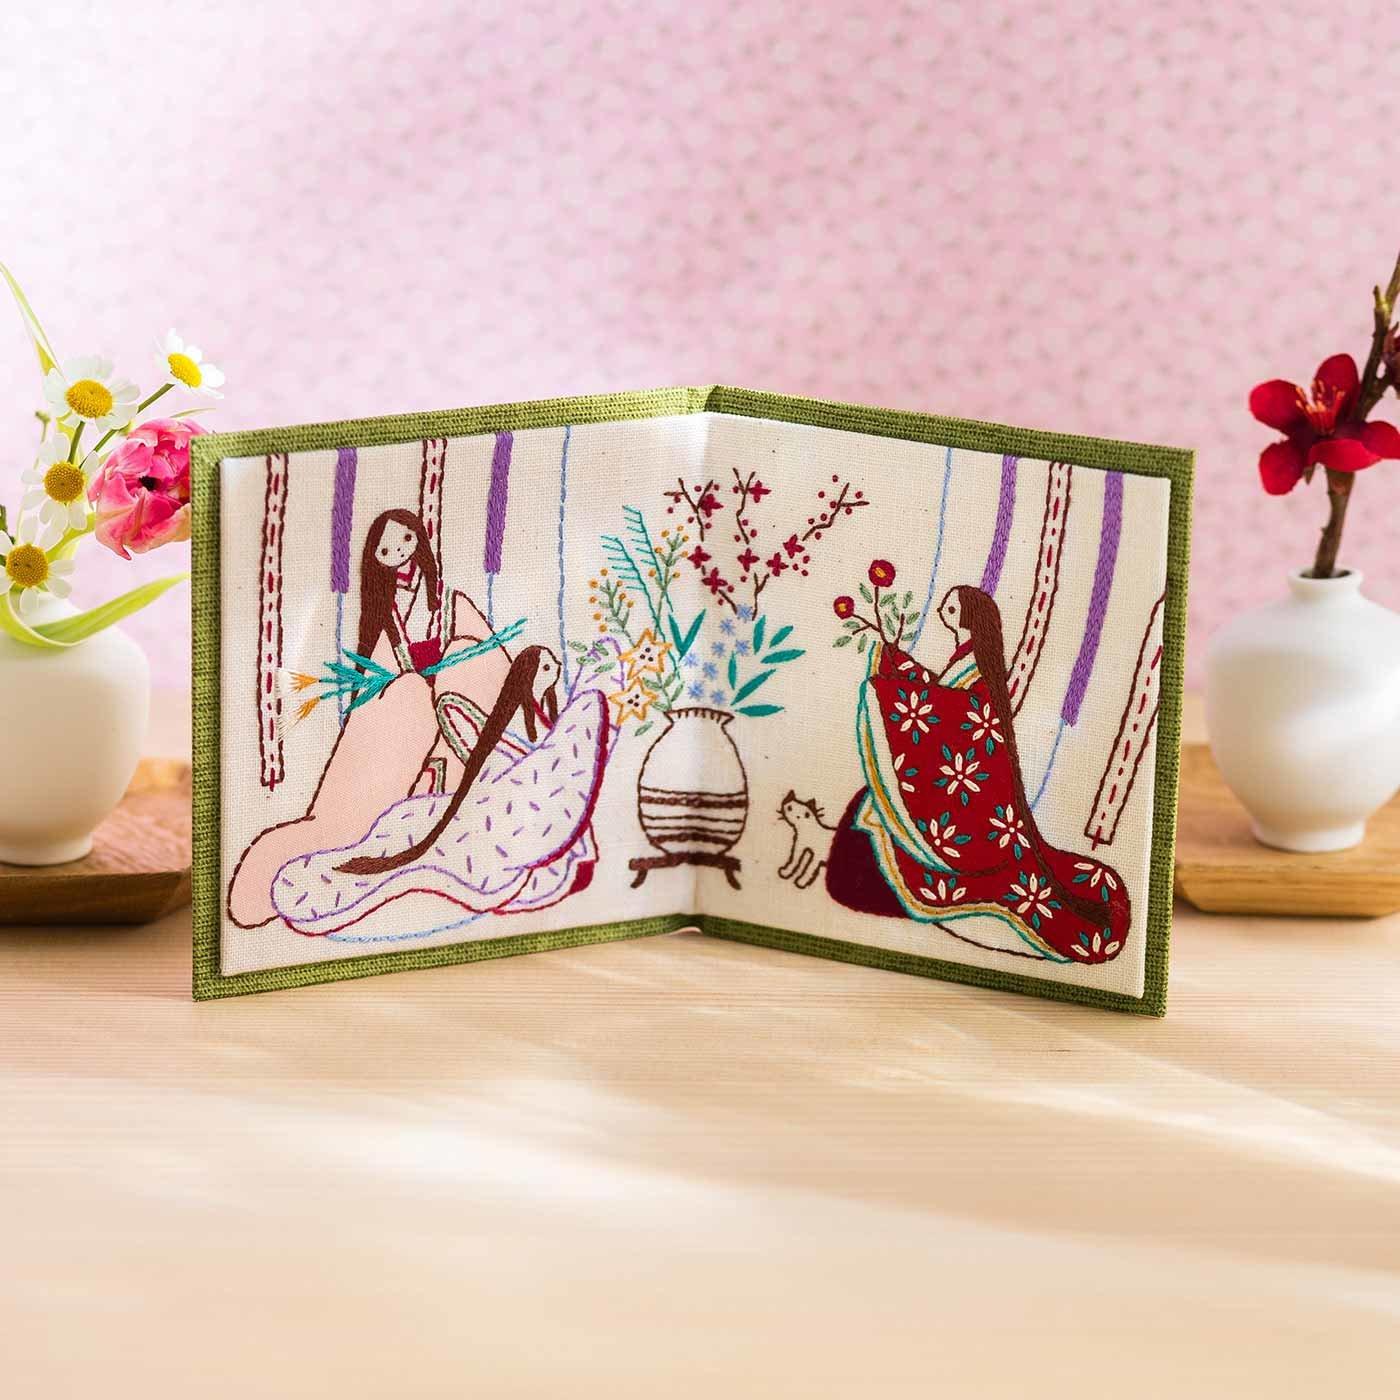 【クチュリエクラブ会員限定】風流にめぐる季節 コンパクトに飾る12ヵ月の刺しゅうミニ屏風(びょうぶ)の会(期間予約)